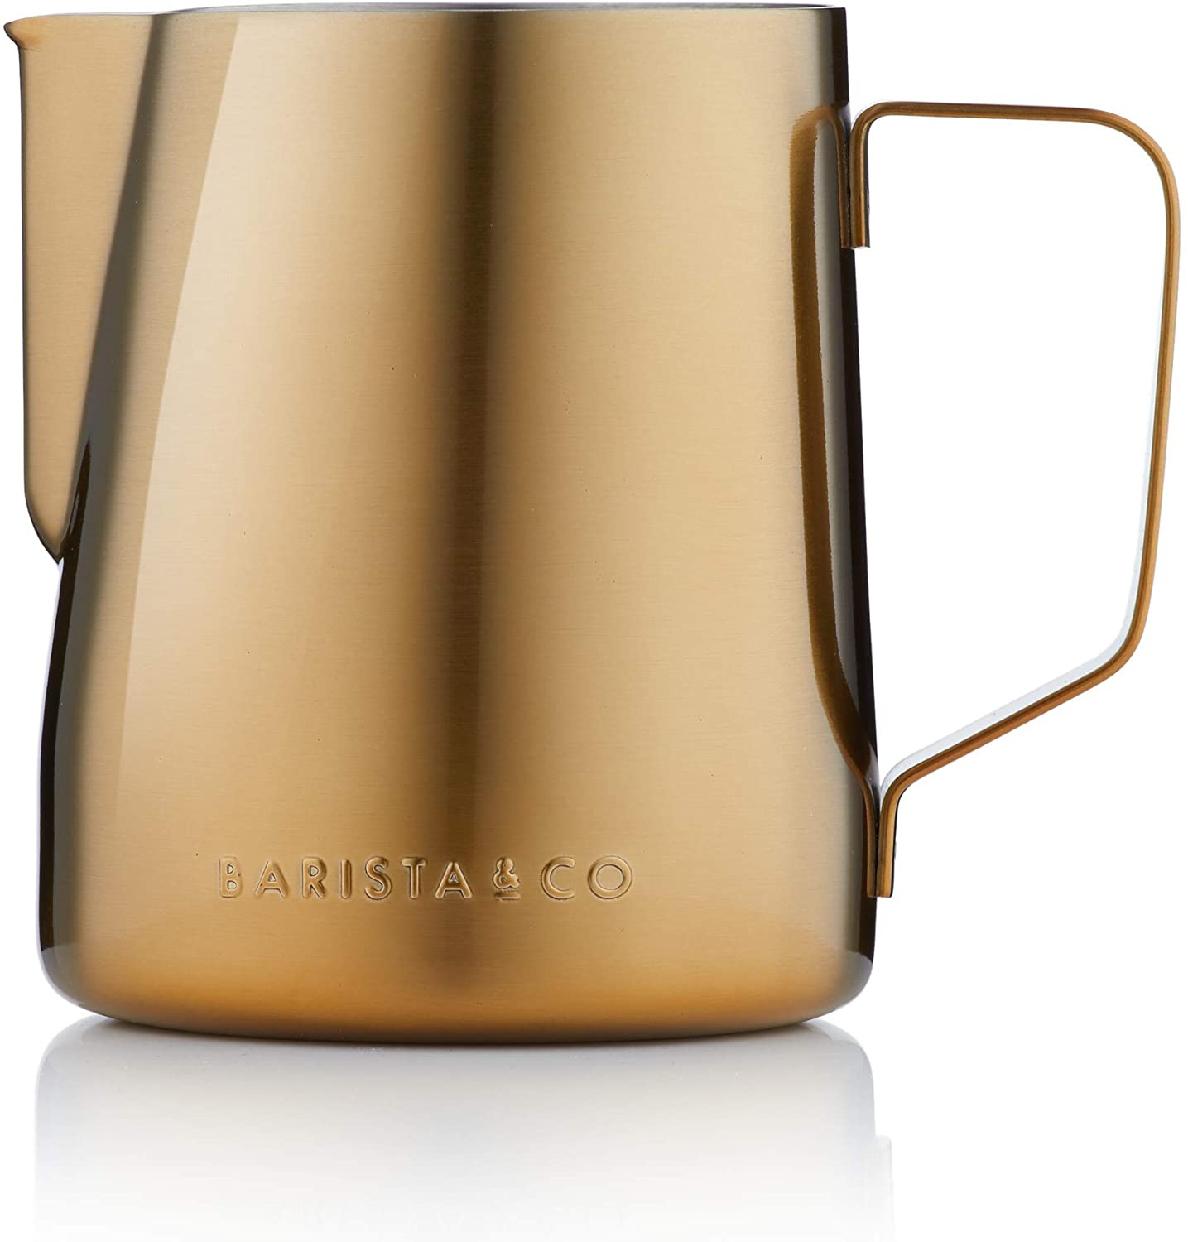 Barista&Co(バリスタアンドコー)Core Milk Jug 600ml Goldの商品画像